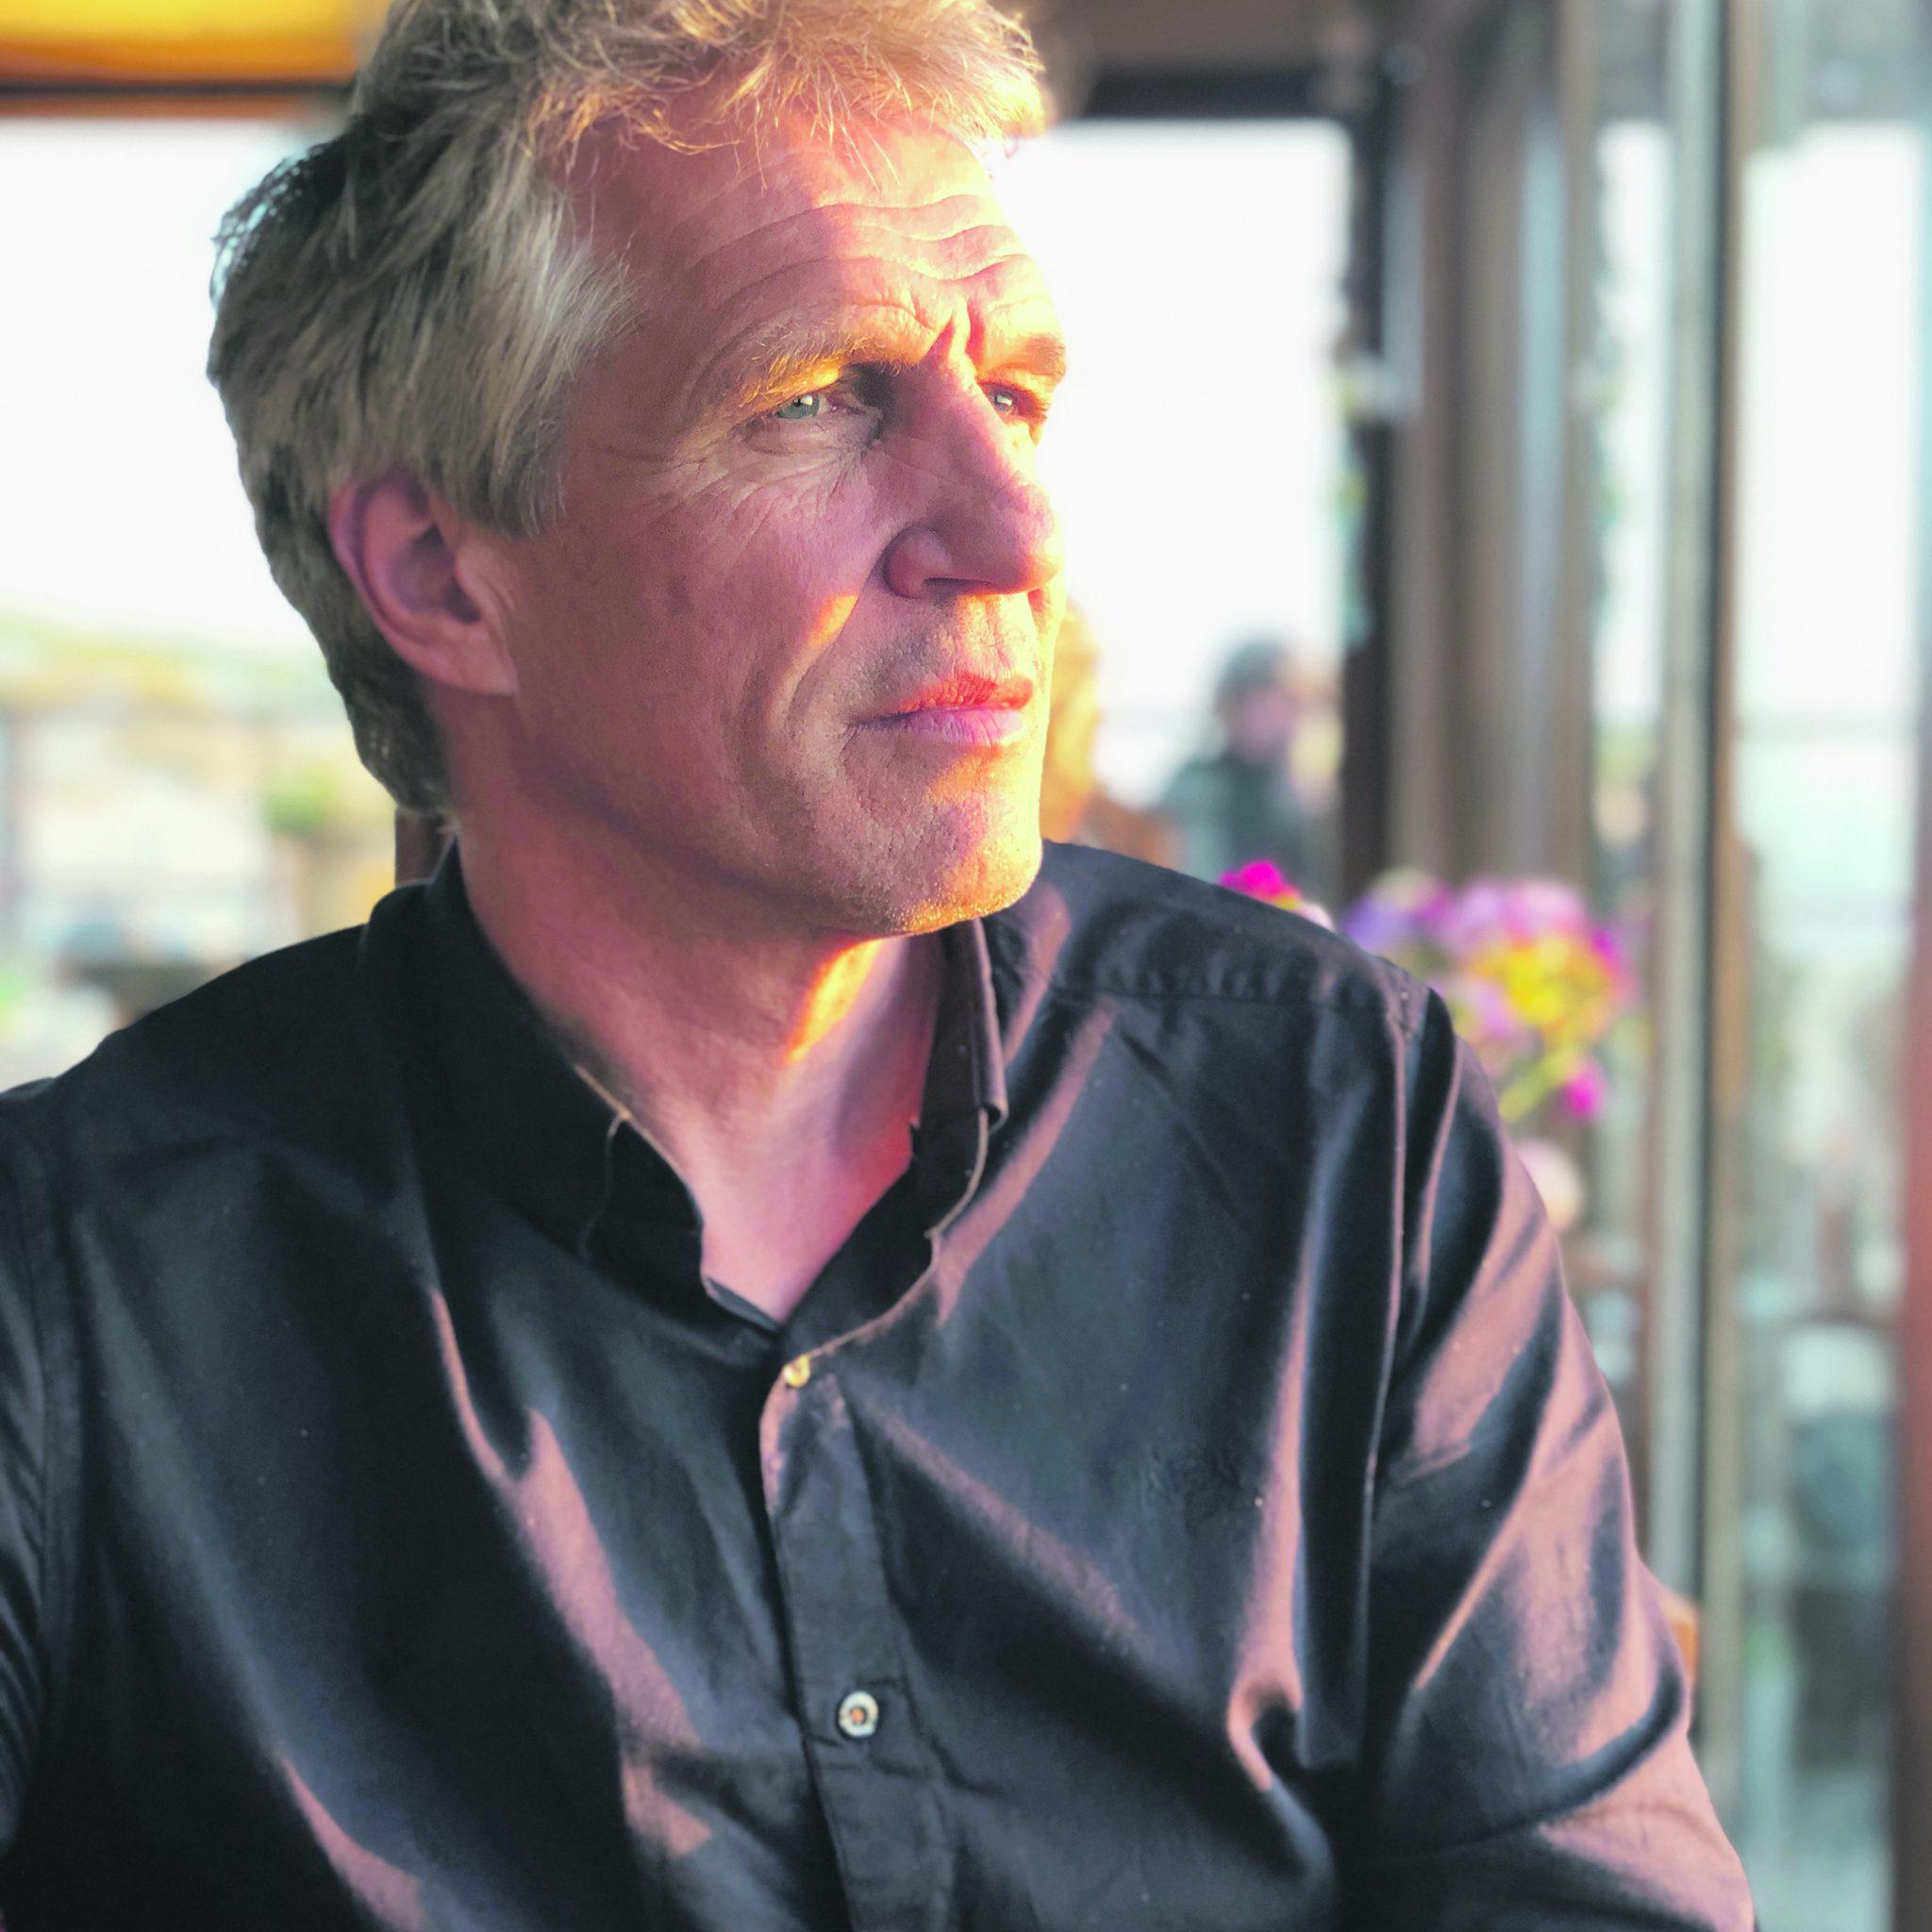 Als fysisch geograaf heeft de 60-jarige Van Winden al tientallen jaren interesse in alles wat aan de oppervlakte van de aarde gebeurt.